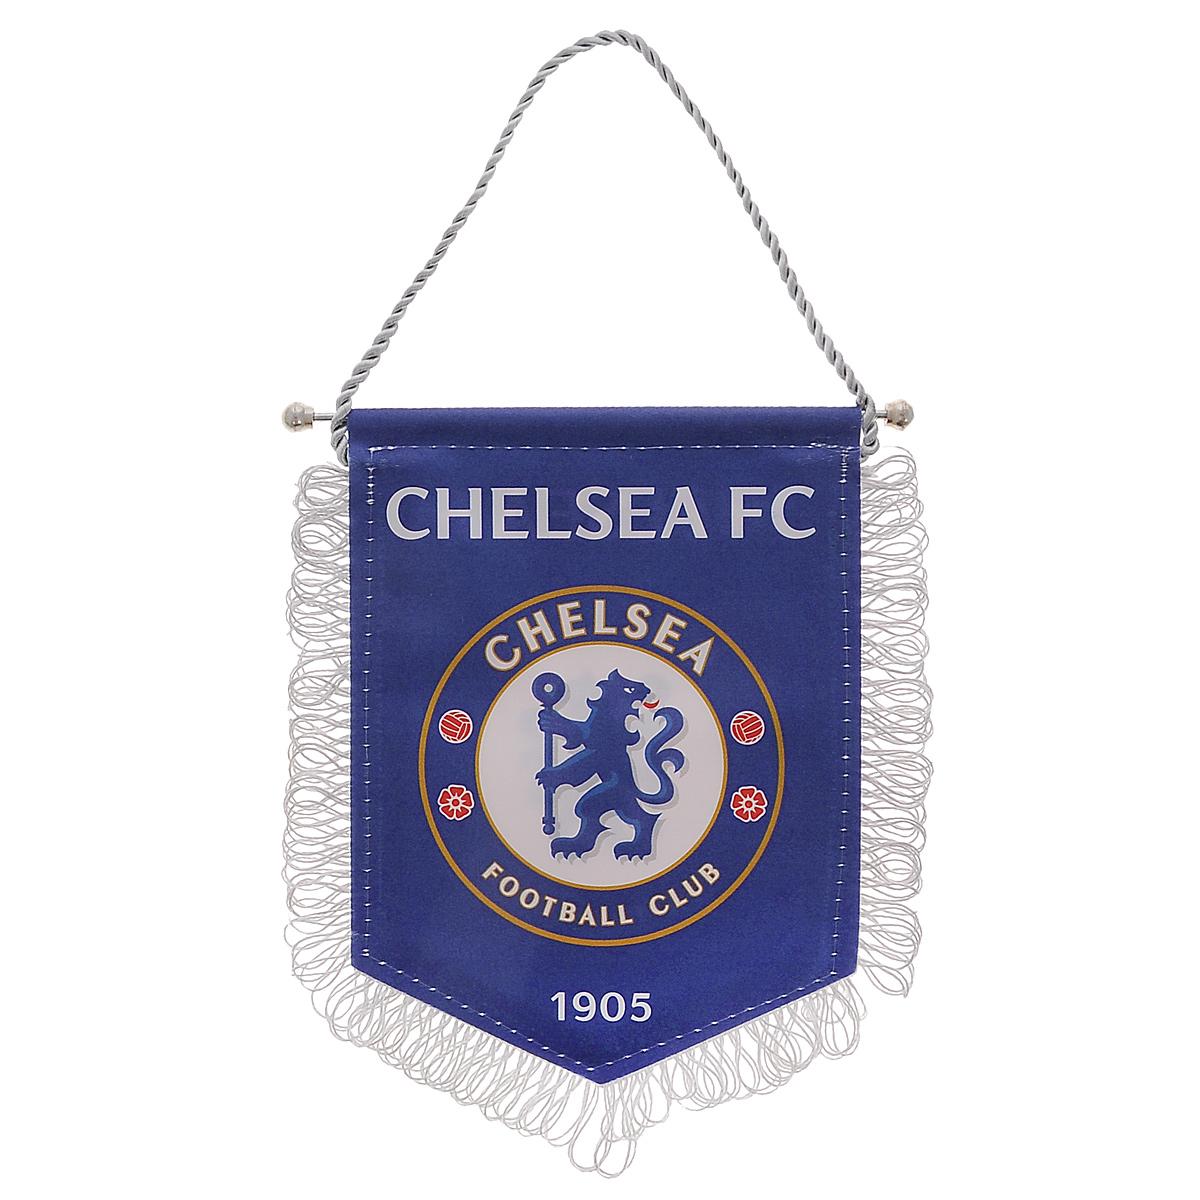 Вымпел Chelsea, цвет: синий, белый, красный, 15 см х 16 см. 08050120252Двусторонний вымпел Chelsea изготовлен из полиэстера и металла. Оснащен шнурком для подвешивания и украшен бахромой. Вымпел Chelsea порадует истинного болельщика футбольного клуба, а также станет приятным подарком к любому празднику.